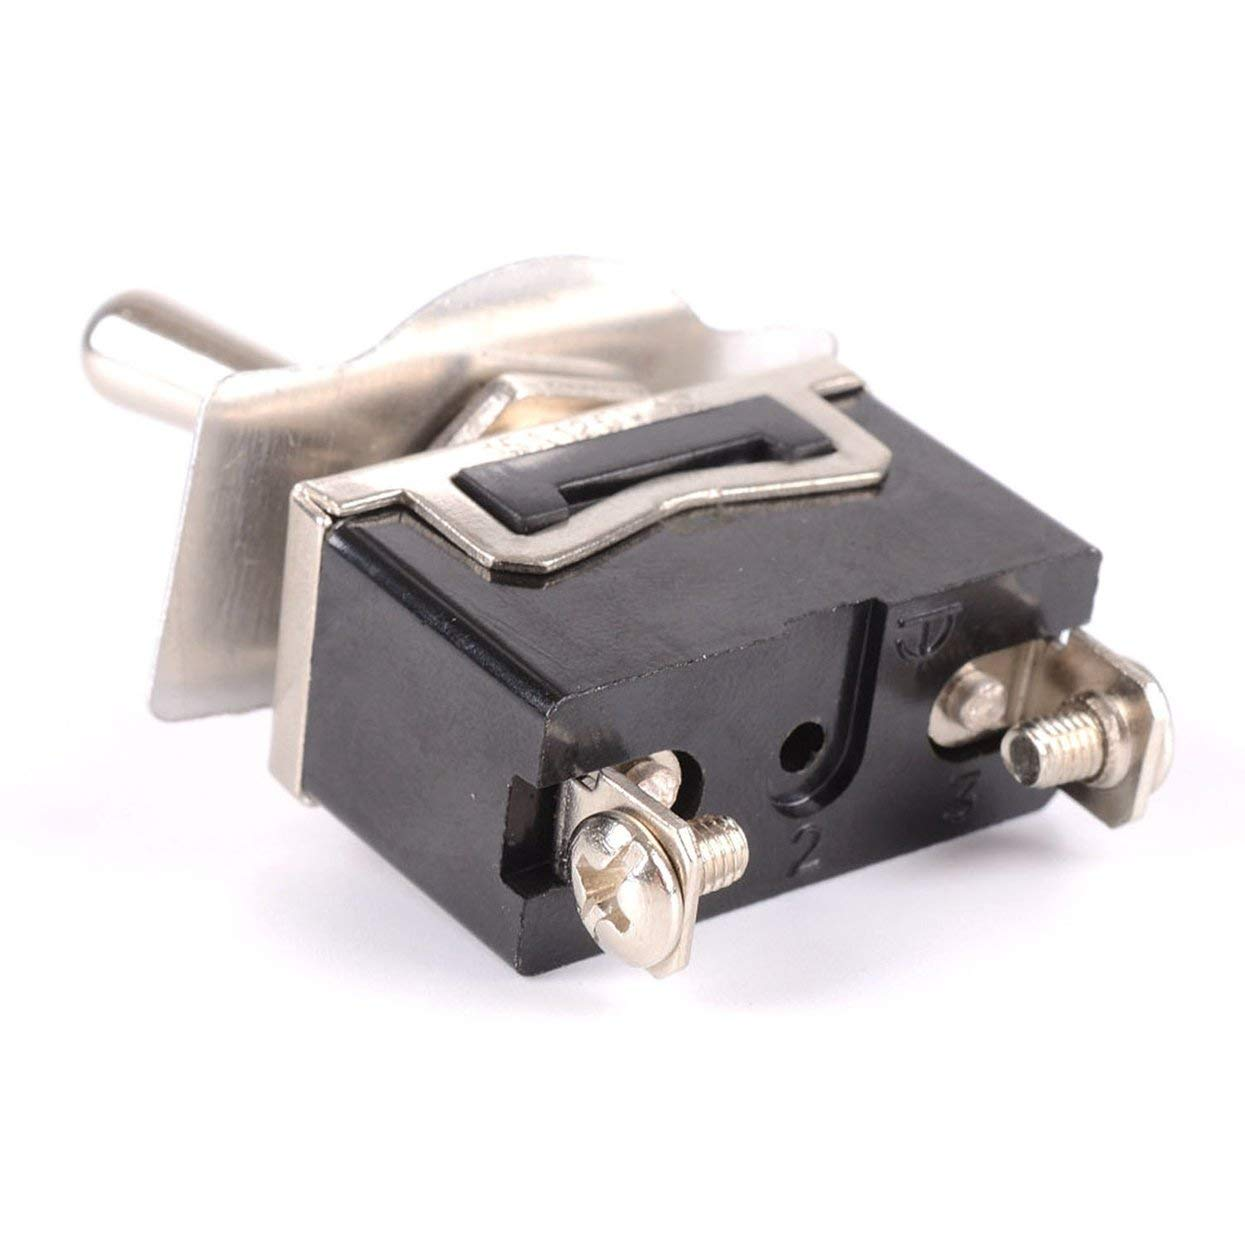 Interruptor de palanca de carreras de autos duradero Encendido//apagado SPST Interruptor de palanca Palanca de metal Luz del tablero del autom/óvil con cubierta de misiles Rojo Negro y rojo Negro